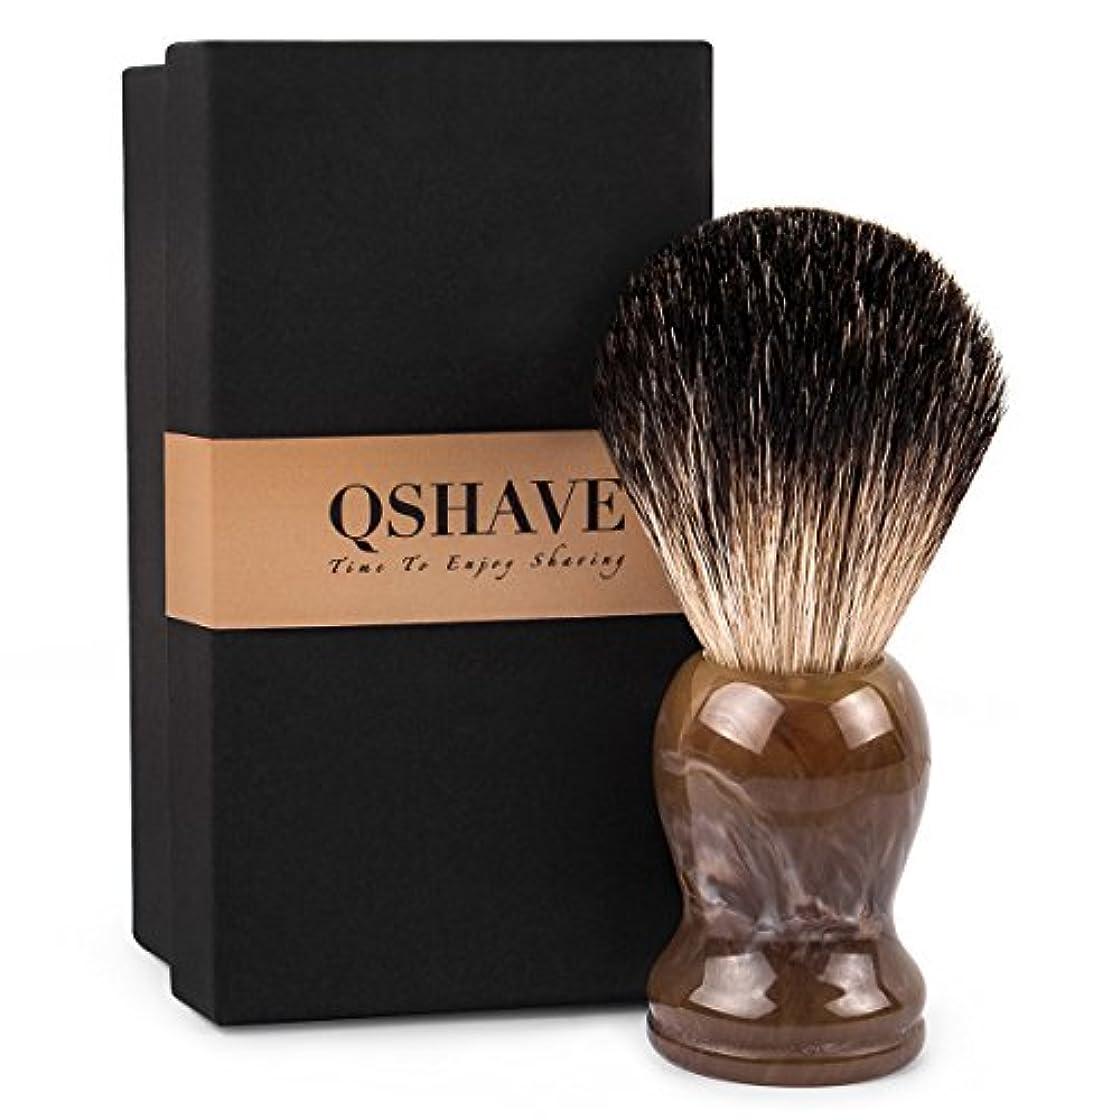 バズ知性サンダーQSHAVE 100%アナグマ毛 オリジナルハンドメイドシェービングブラシ。ウェットシェービング、安全カミソリ、両刃カミソリに最適